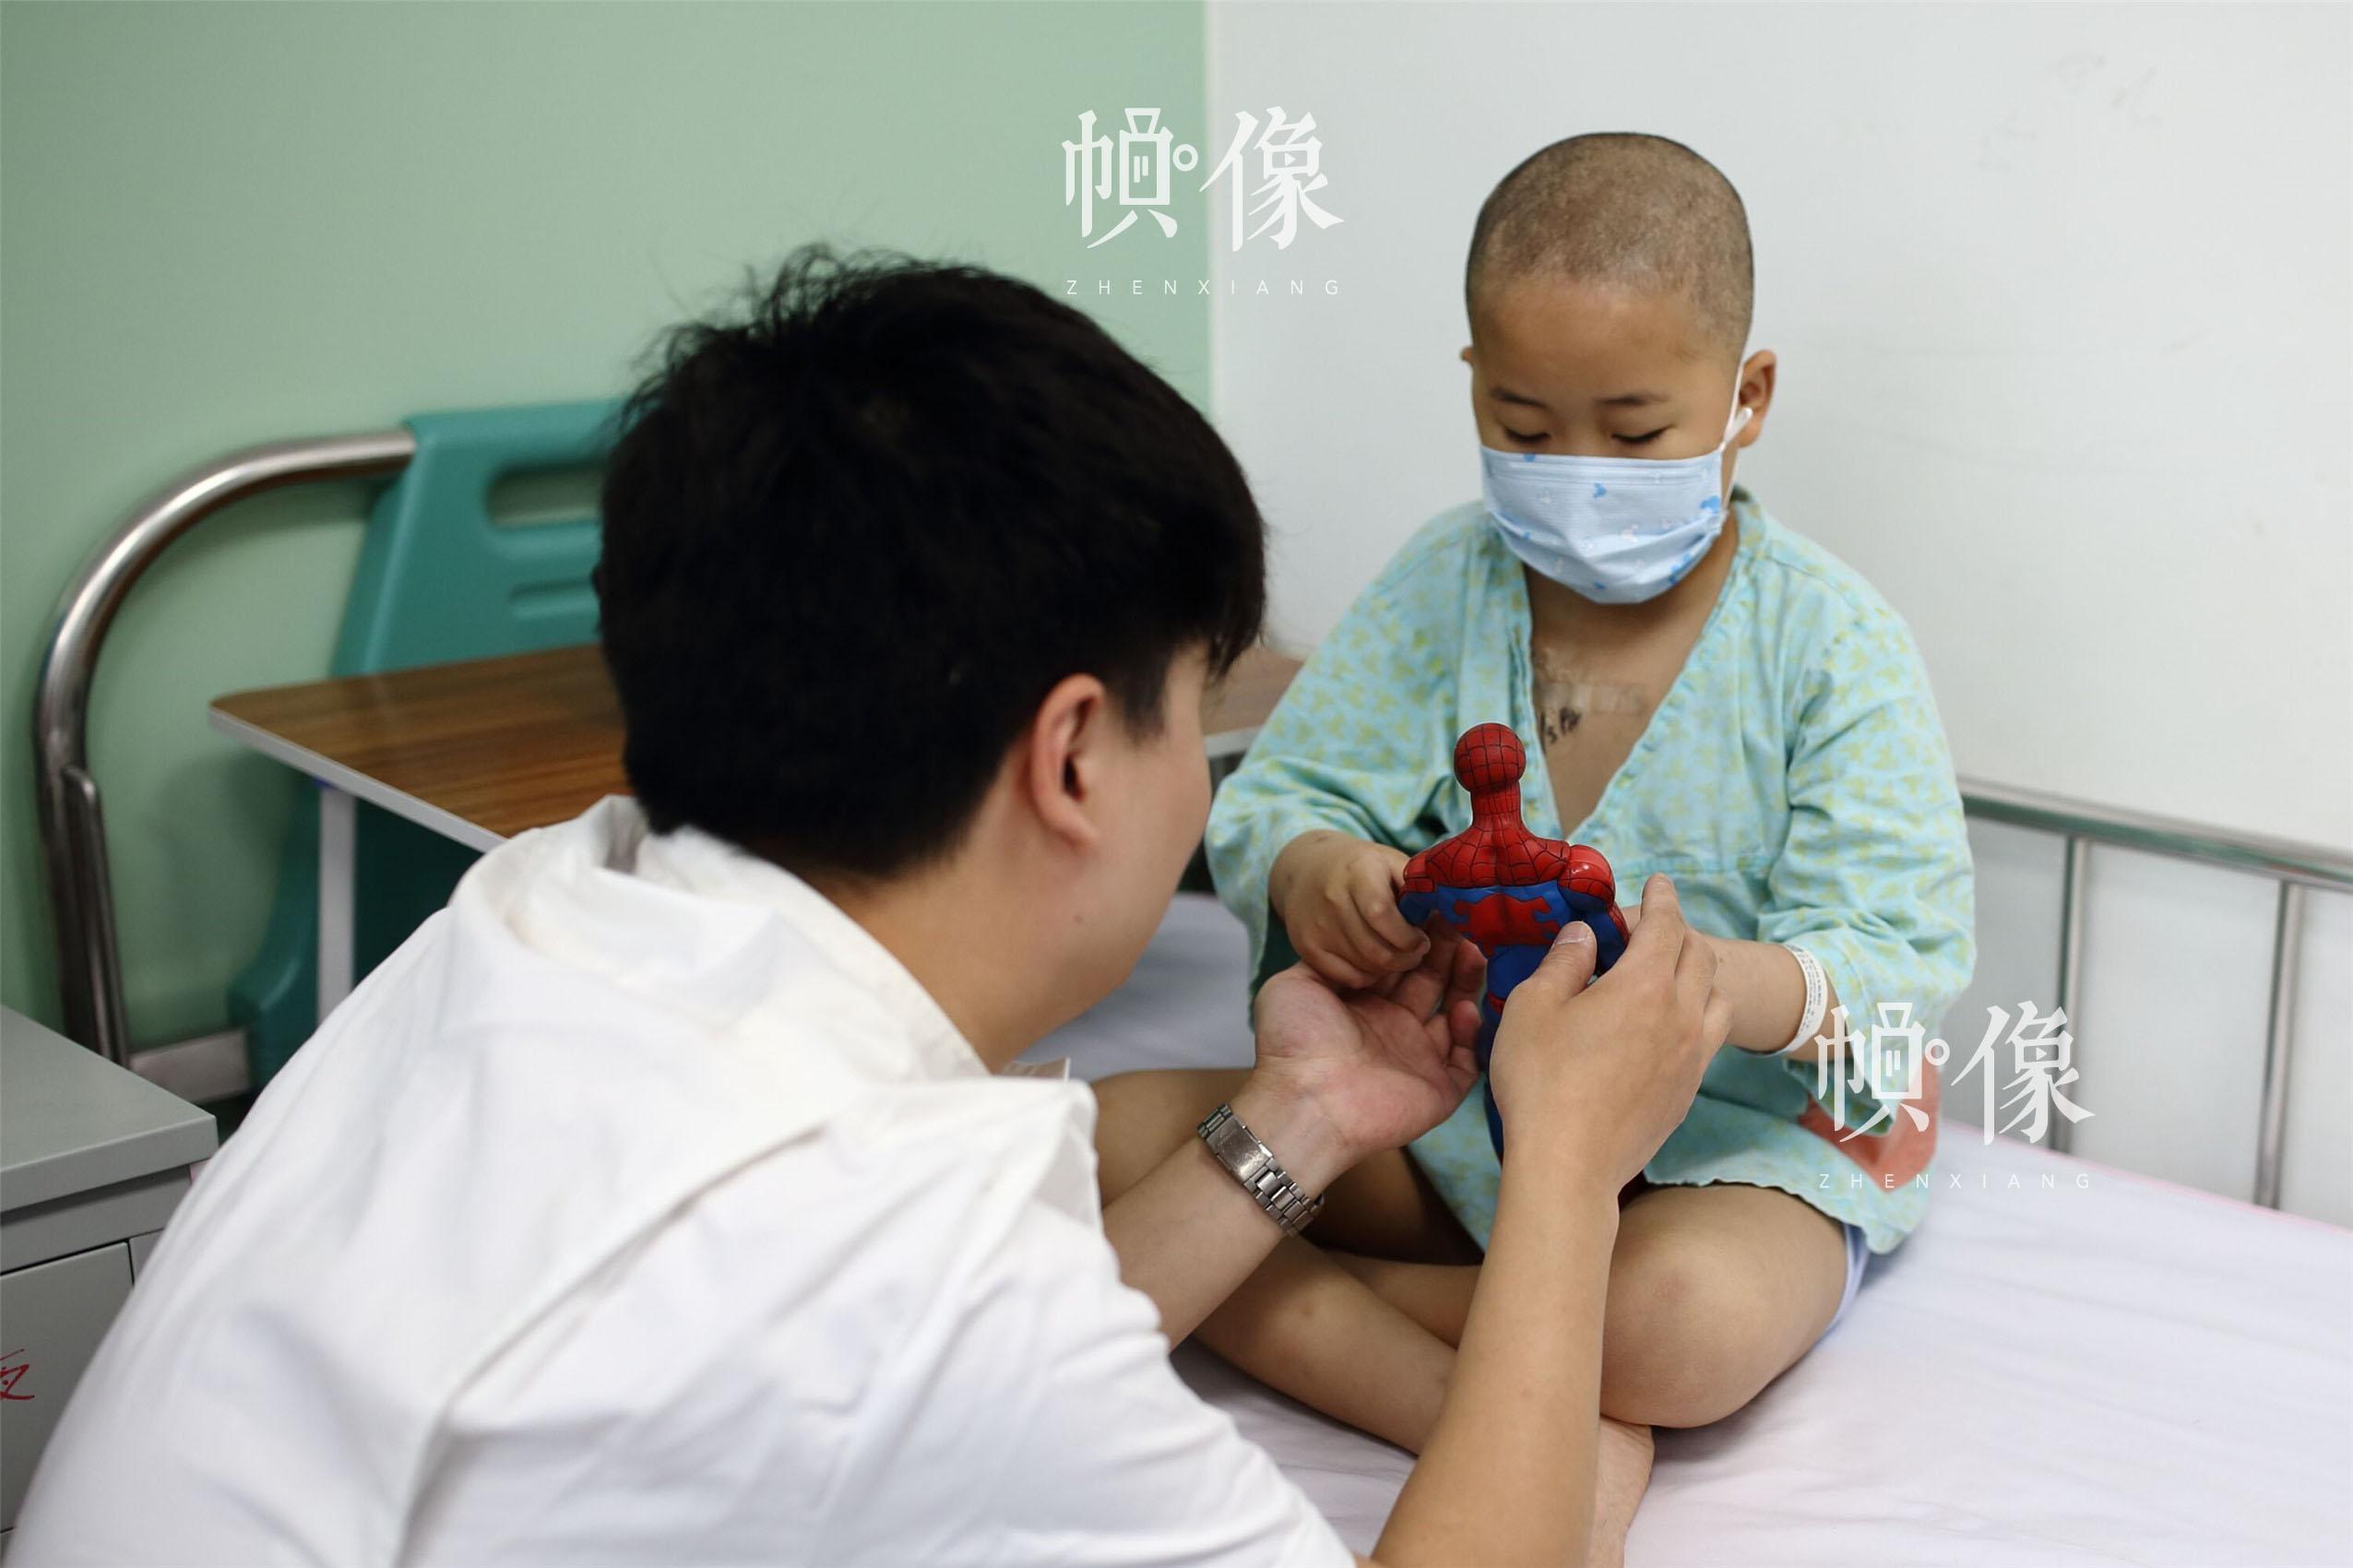 """2017年5月24日,北京首都儿科研究所,男护士季长绪给白血病患儿天佑一个蜘蛛侠玩具。刚入院时一天要抽血数次,给年幼的天佑造成阴影。""""他天天就想着这个事,经常说'妈妈,我是不是还要抽血?'""""天佑的母亲海燕说。看到孩子的低迷,知道天佑喜欢""""蜘蛛侠""""的季长绪,给孩子送了这个玩具,希望能鼓励他勇敢接受治疗。中国网记者 陈维松 摄"""